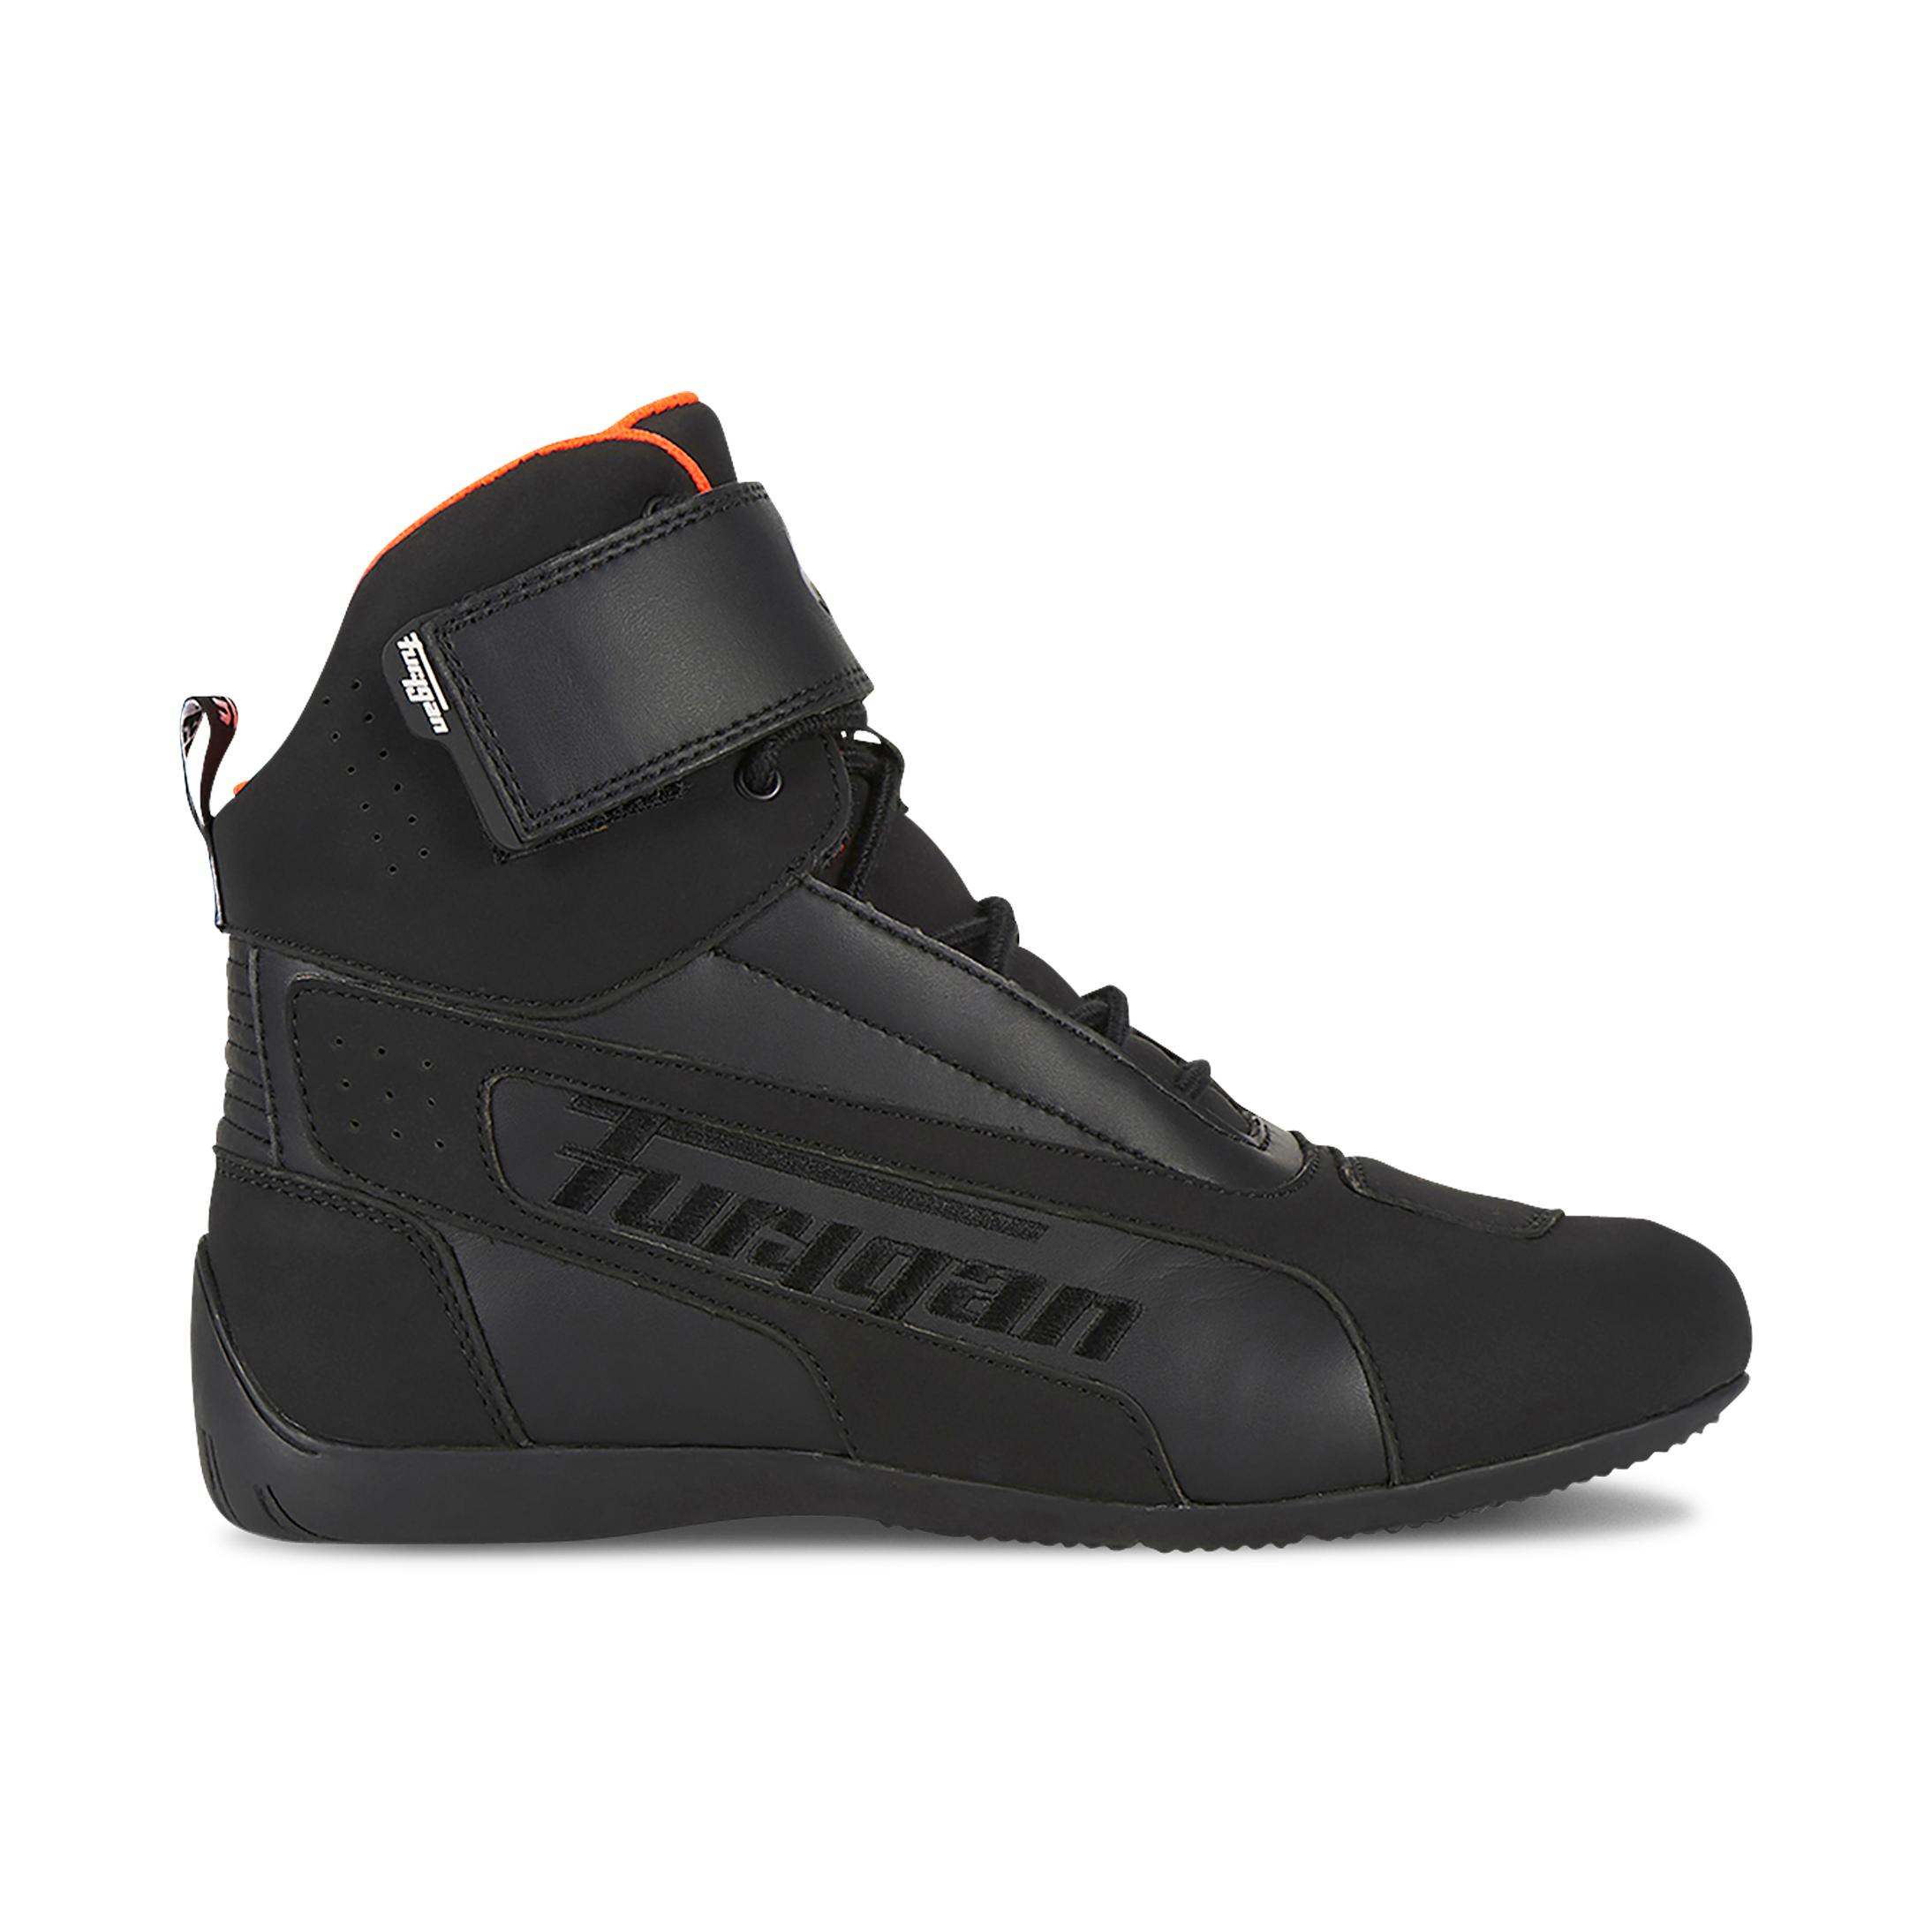 furygan scarpe moto  zephyr d3o nero-arancio